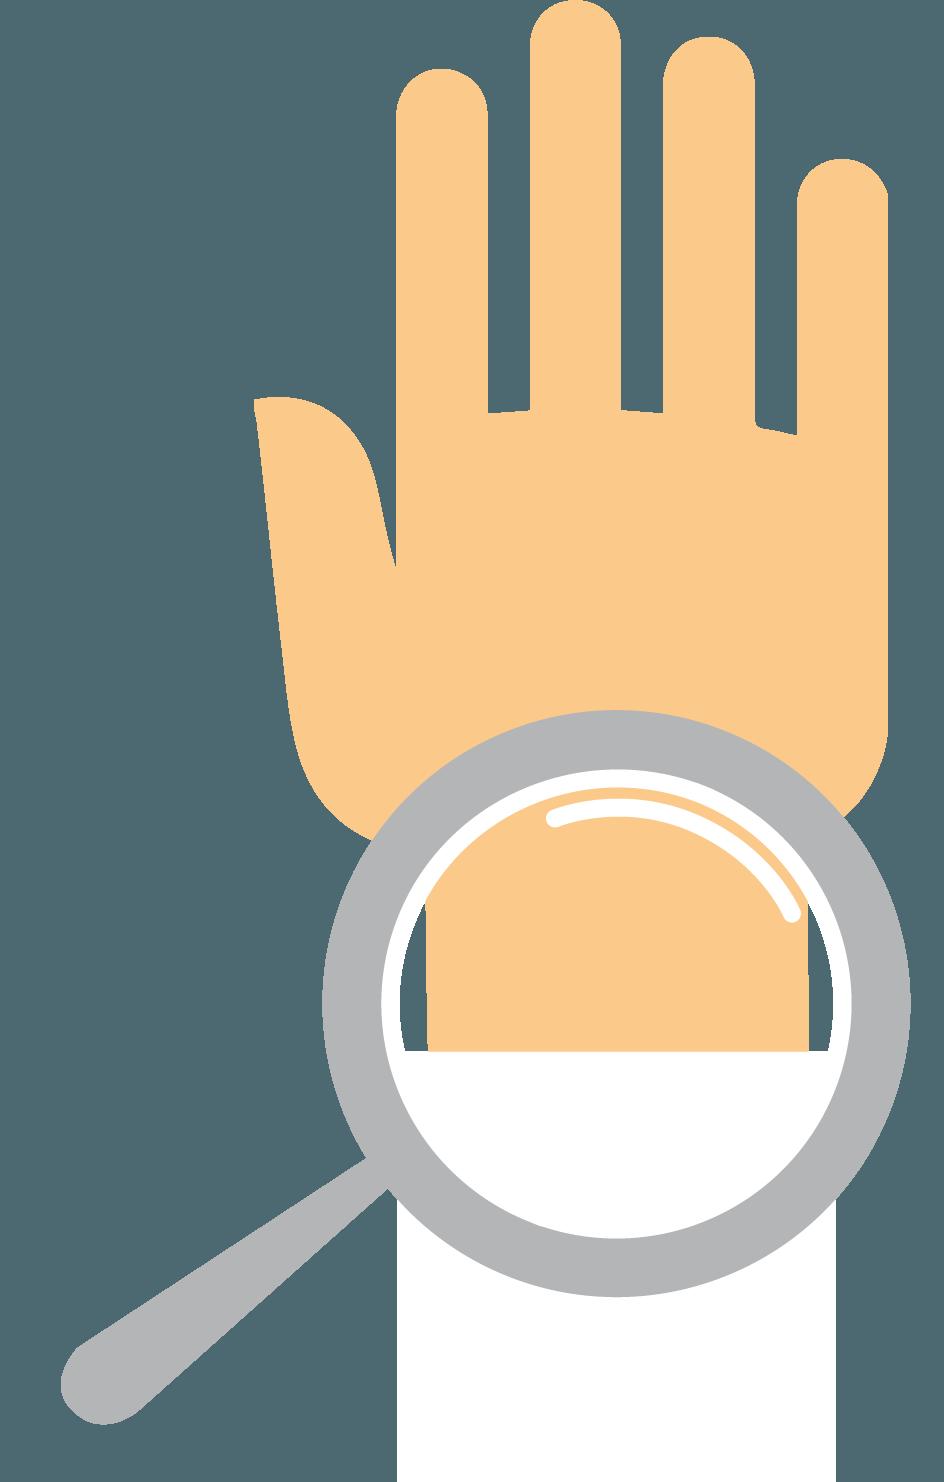 správná poloha ruky